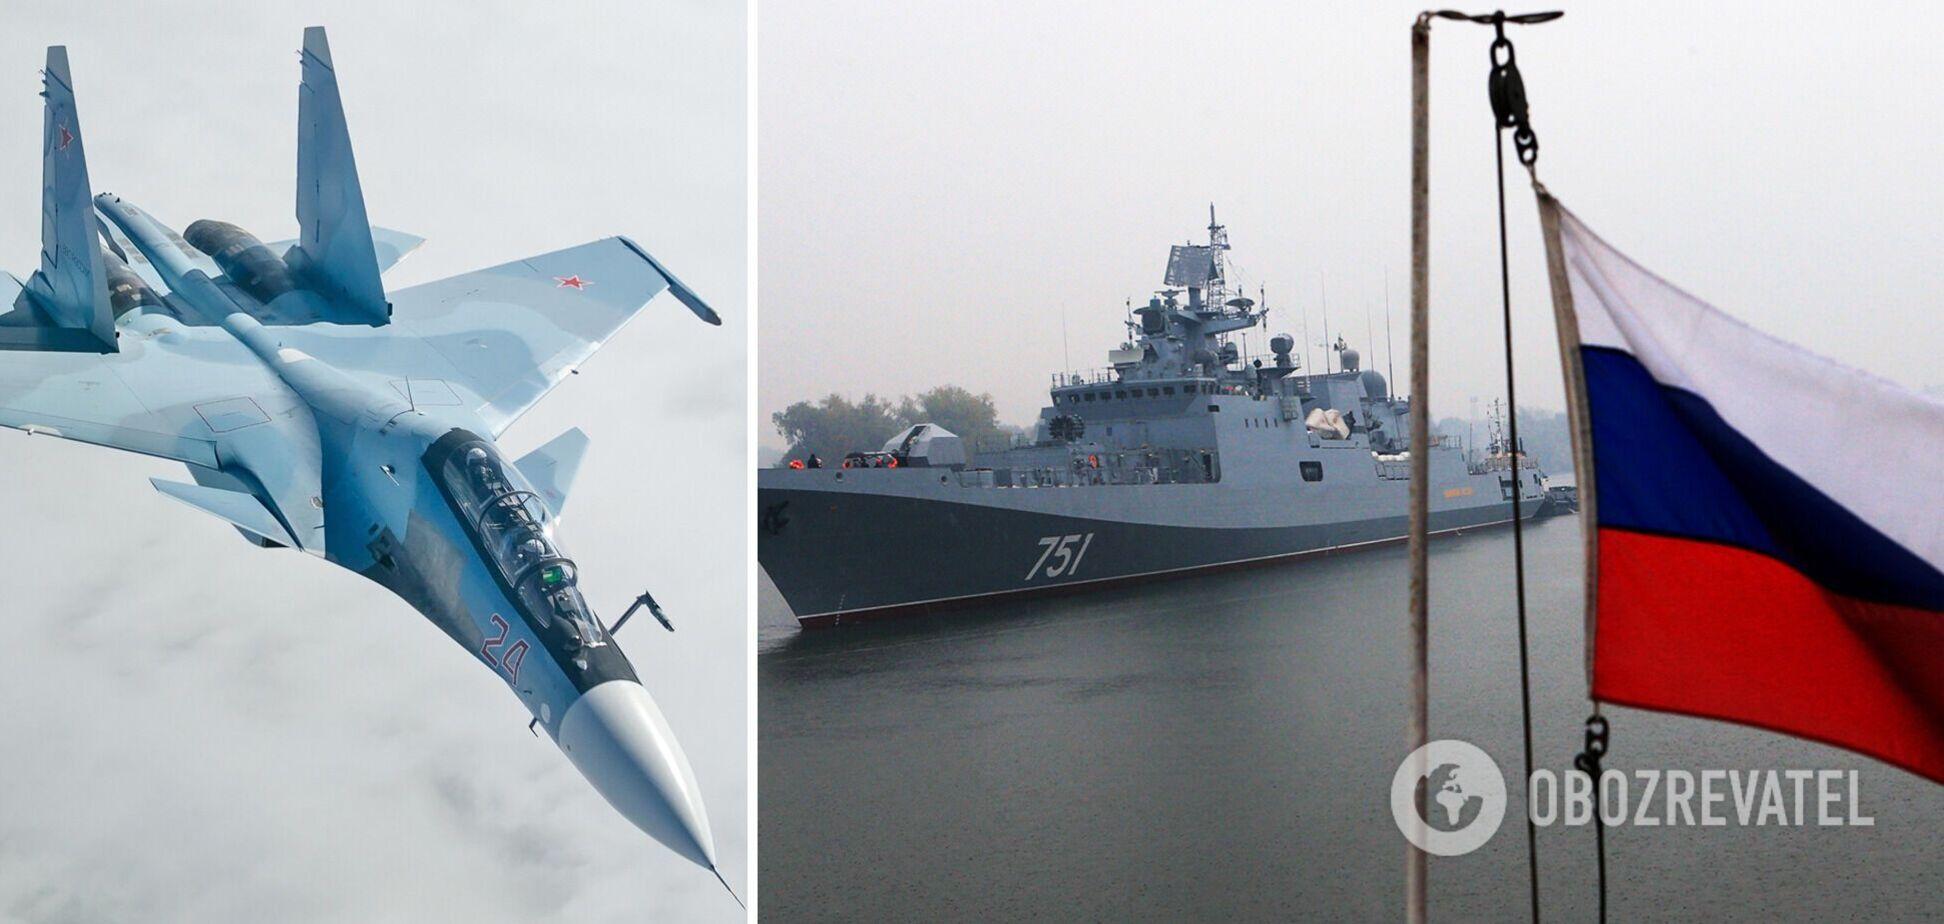 Россия перебросила корабли и самолеты якобы для учений на Черном море